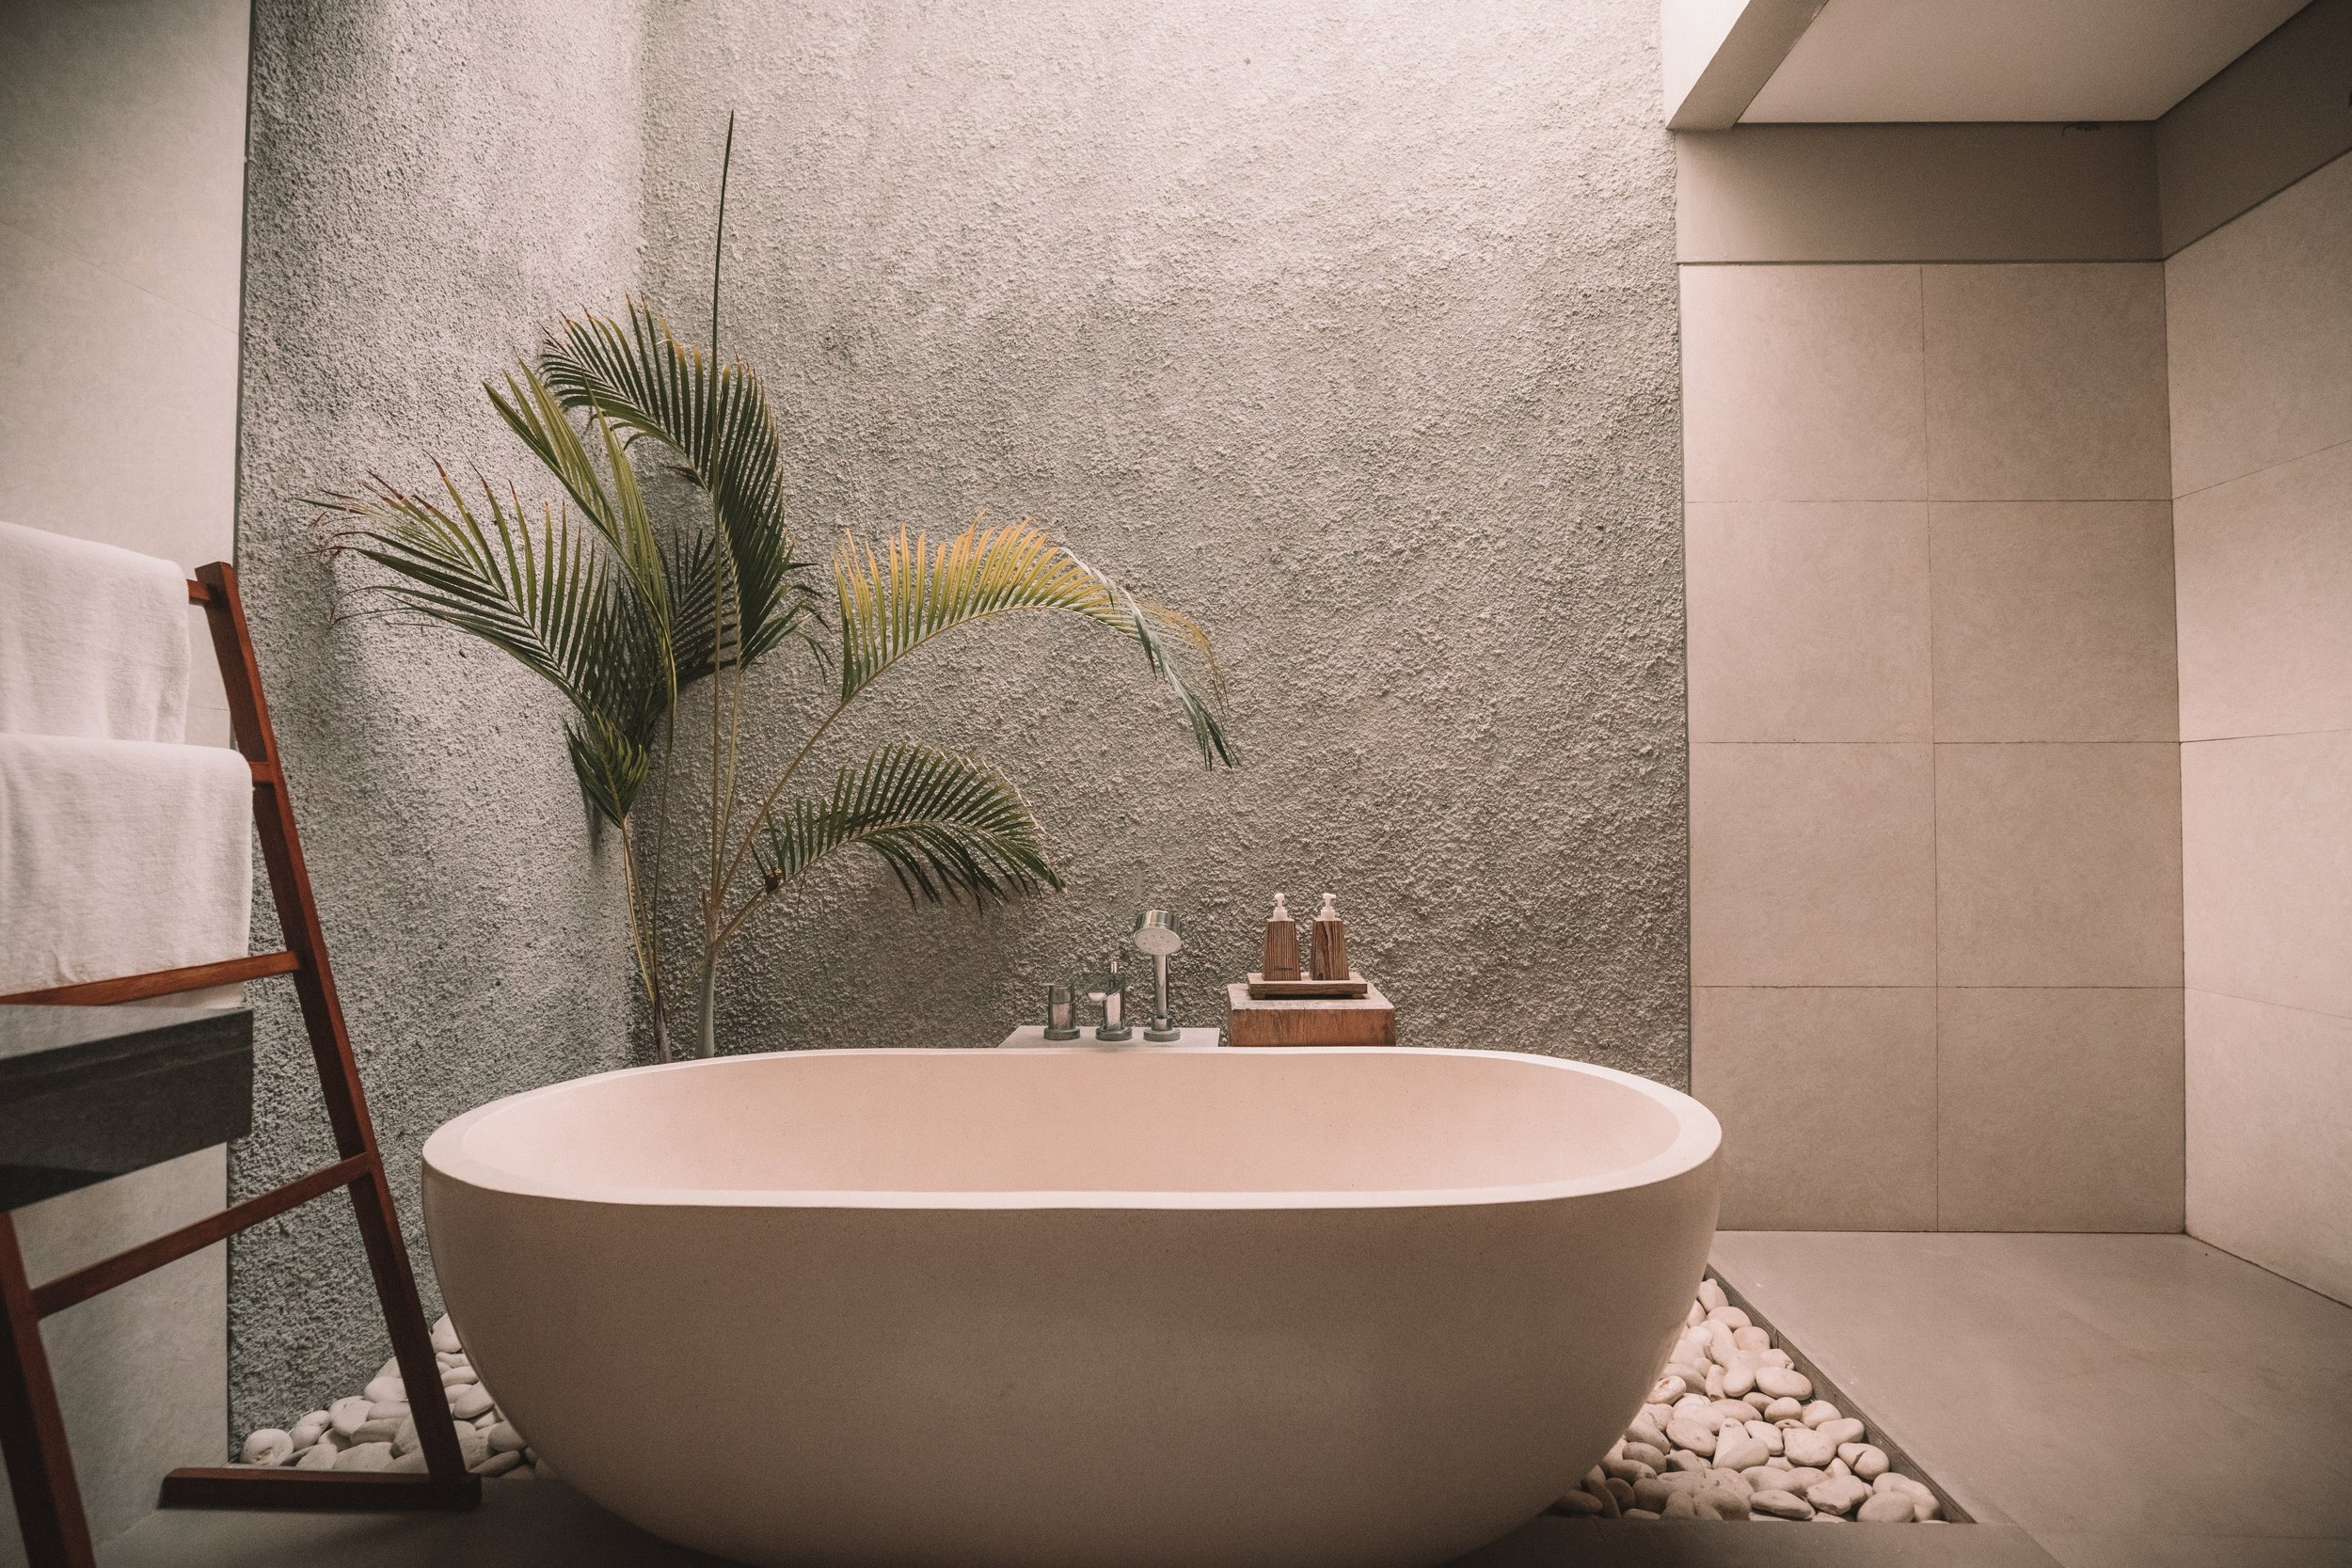 how to take a sound bath